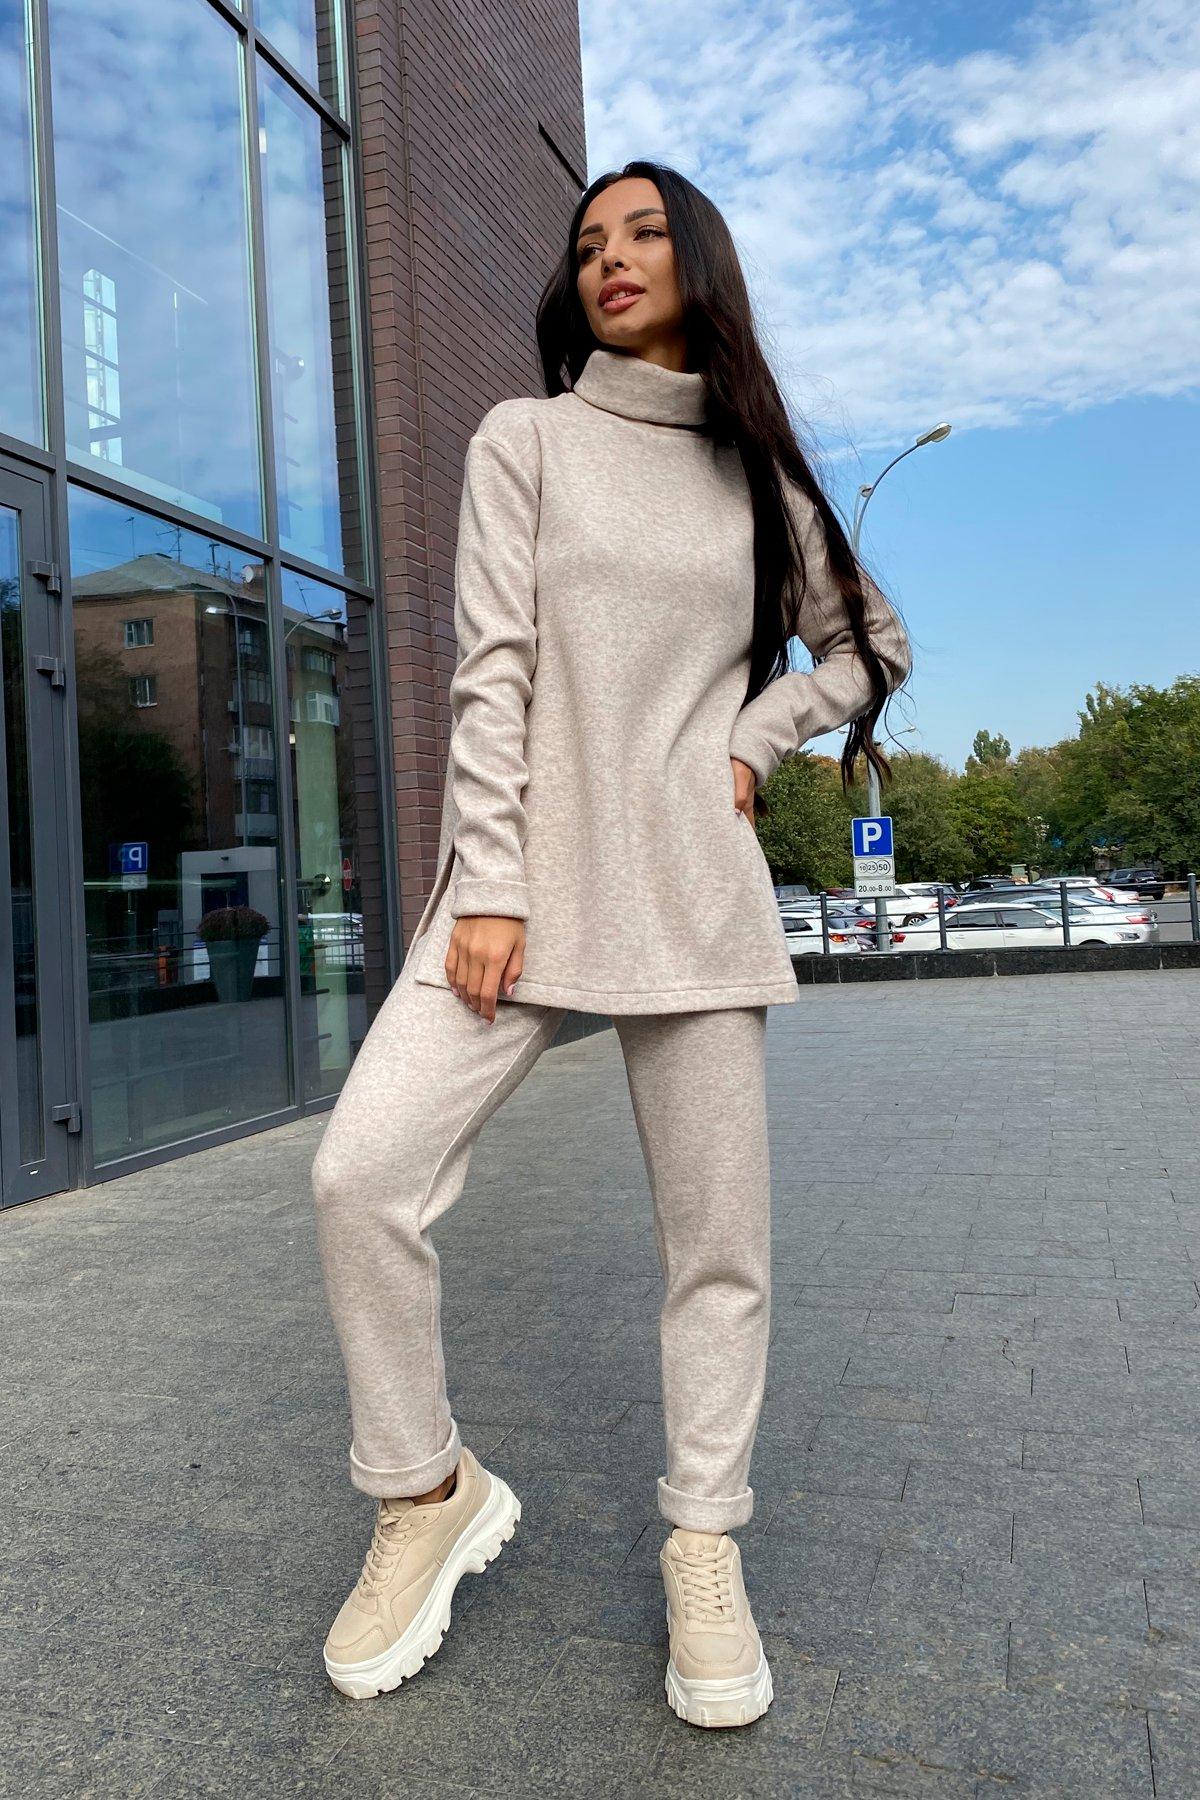 Люкс прогулочный костюм  из ангоры  9975 АРТ. 46263 Цвет: Бежевый 3 - фото 4, интернет магазин tm-modus.ru